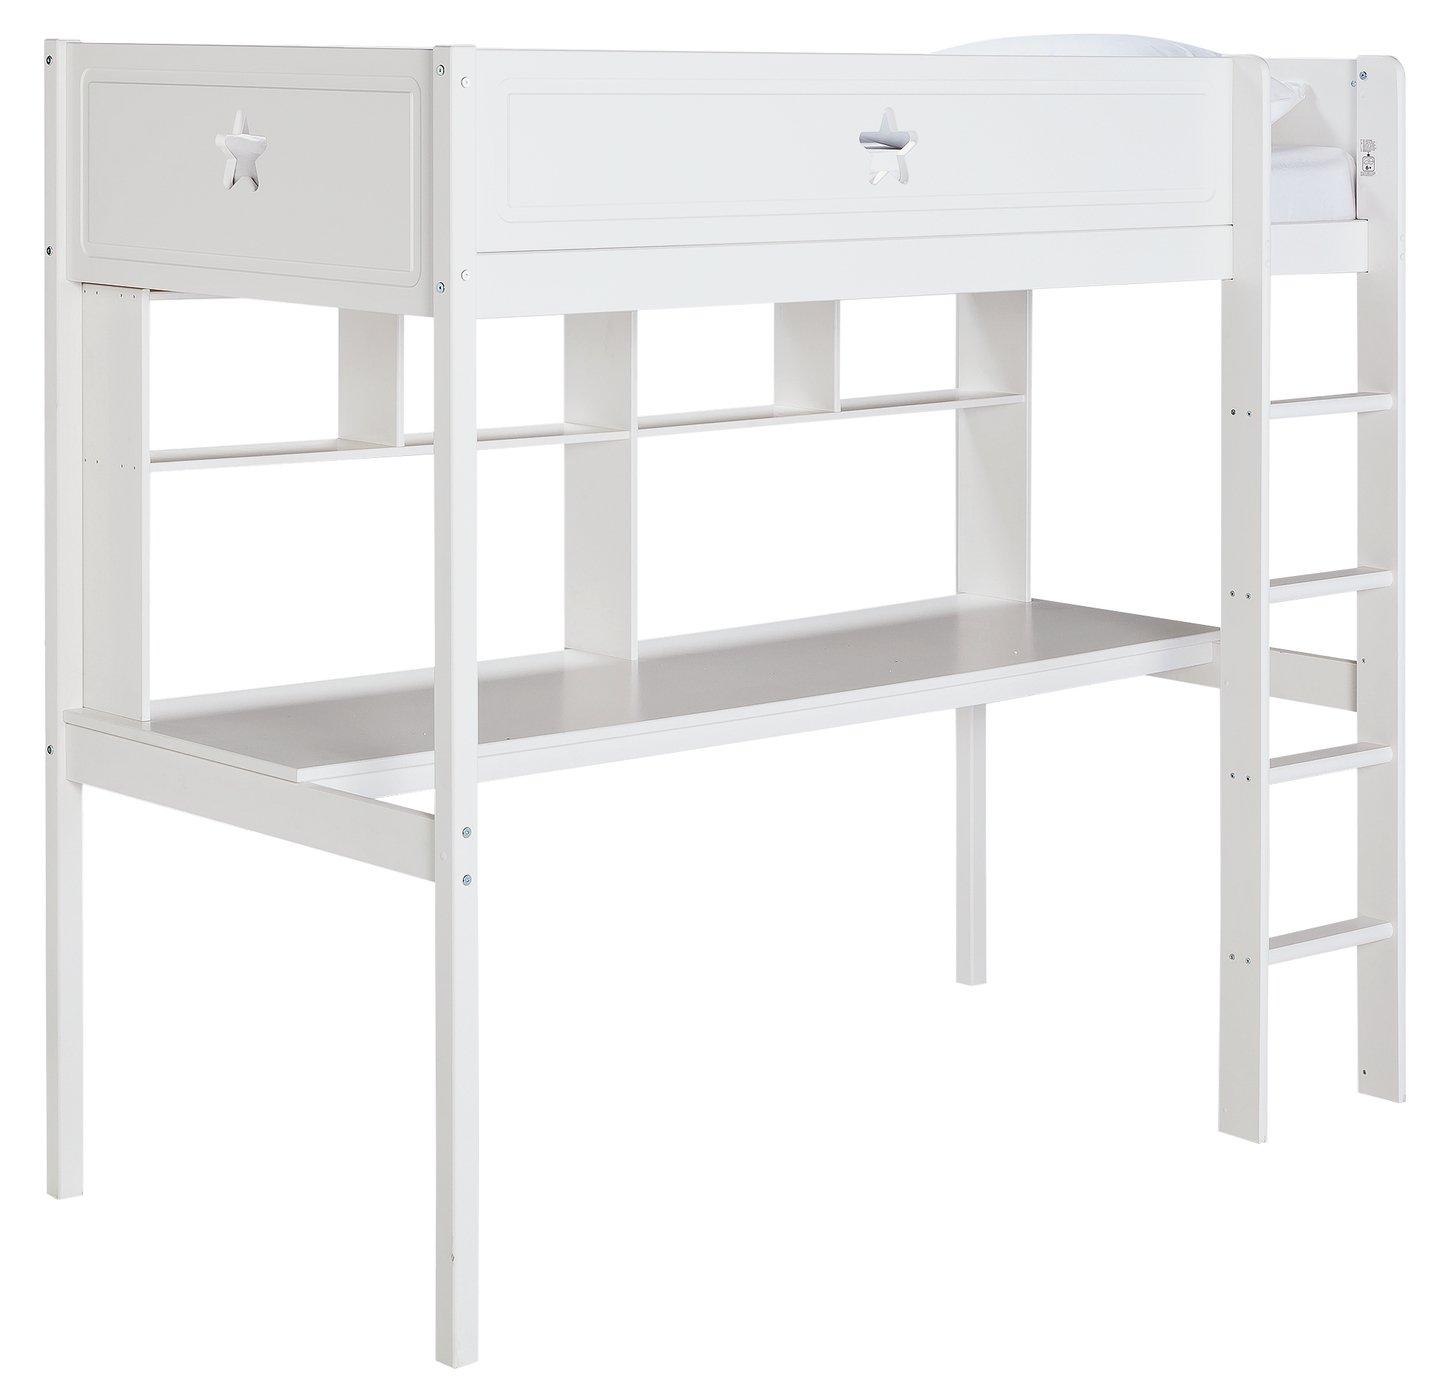 Argos Home Stars High Sleeper Bed, Desk, Shelf & Mattress